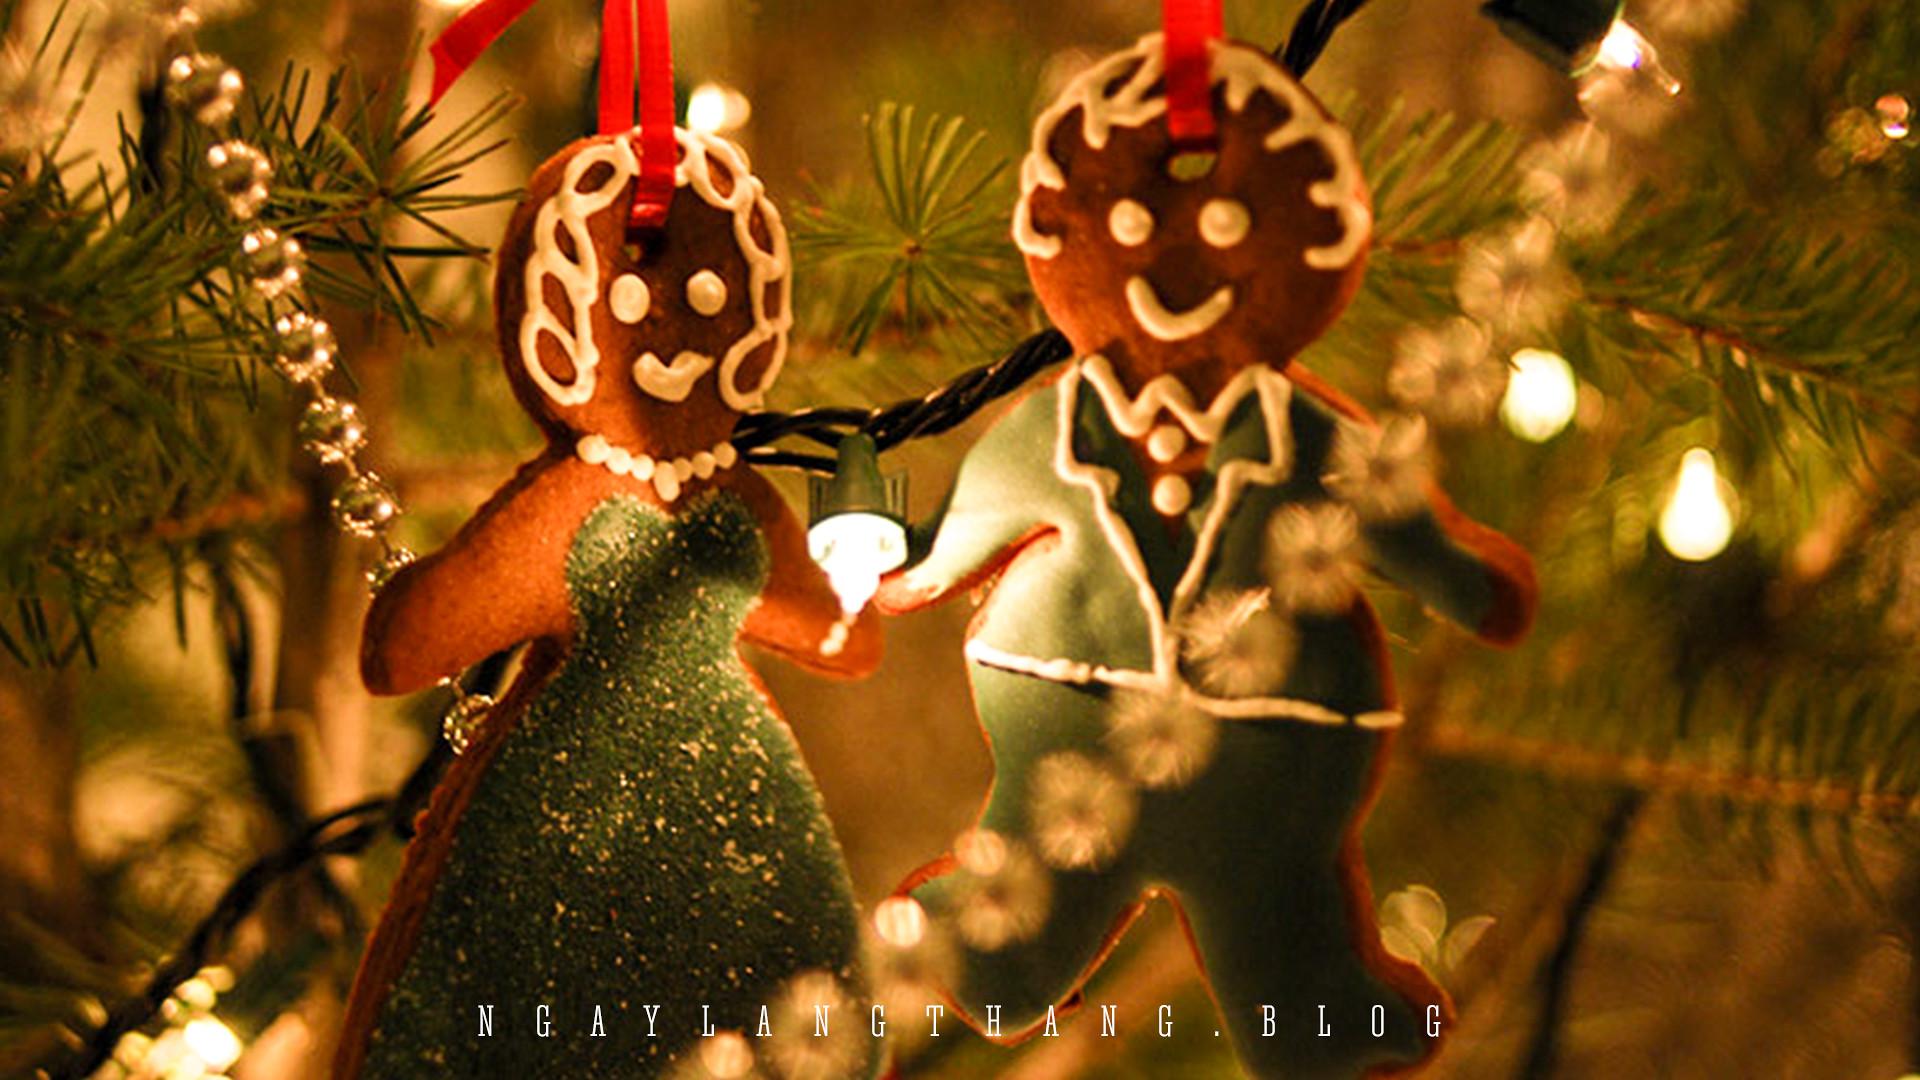 Nhật Bản tuần cuối năm-christmas-couple-cake-ngaylangthang